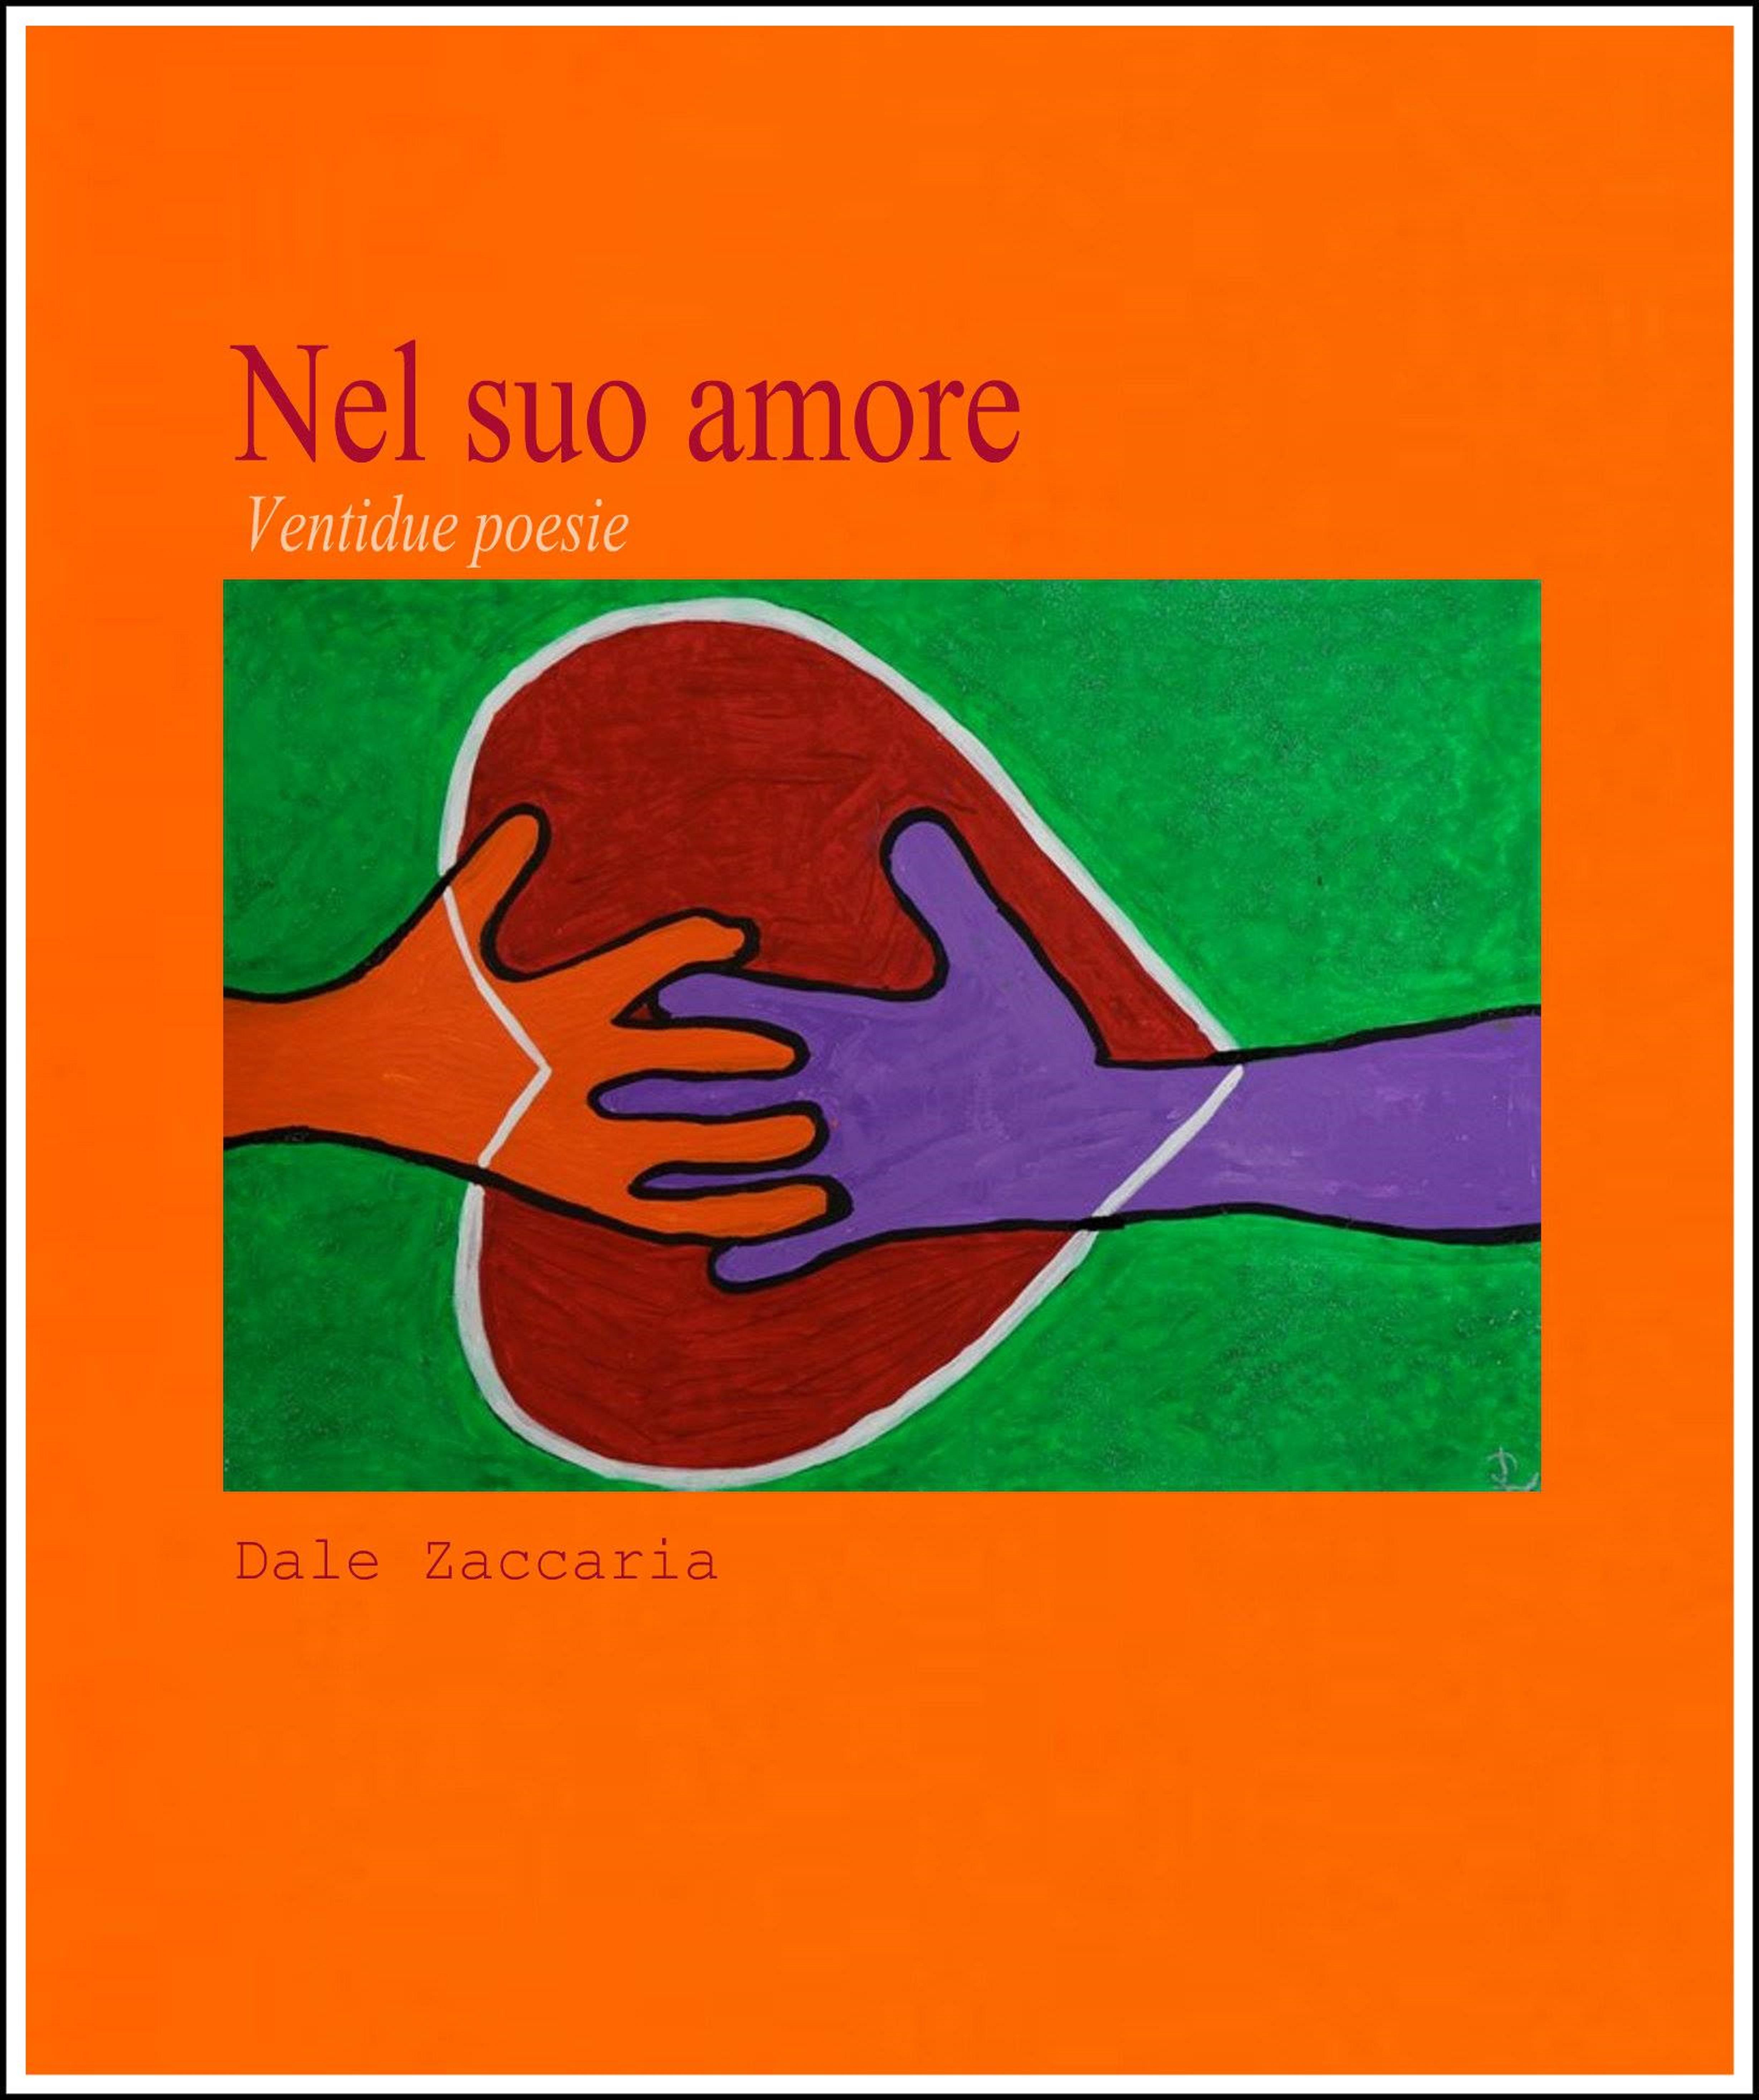 Nel suo amore nuova copertina Alta Risoluzione (3)